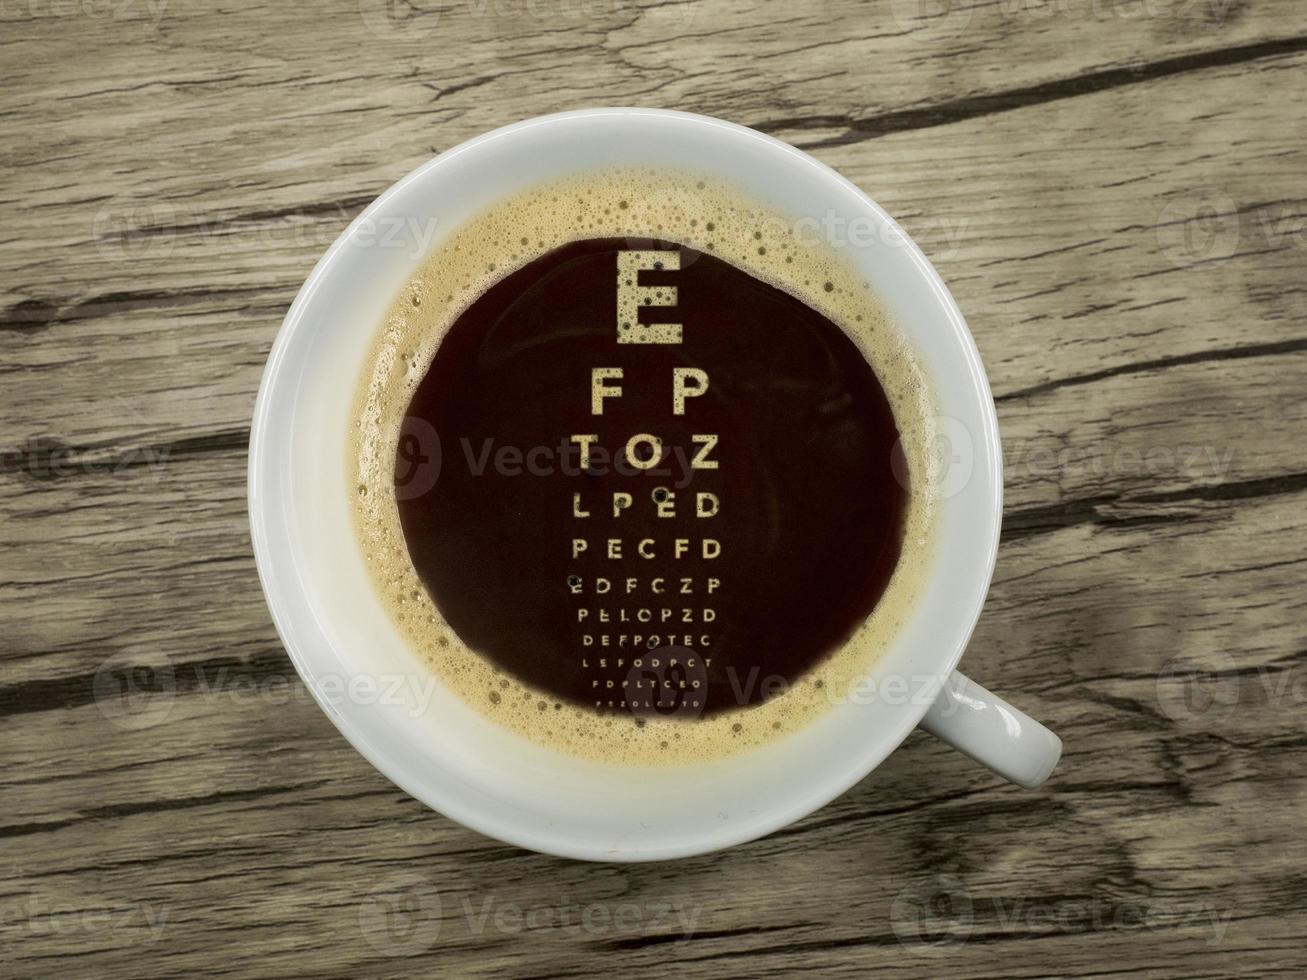 Der Augenarzt bietet Kaffee im Wartezimmer an foto